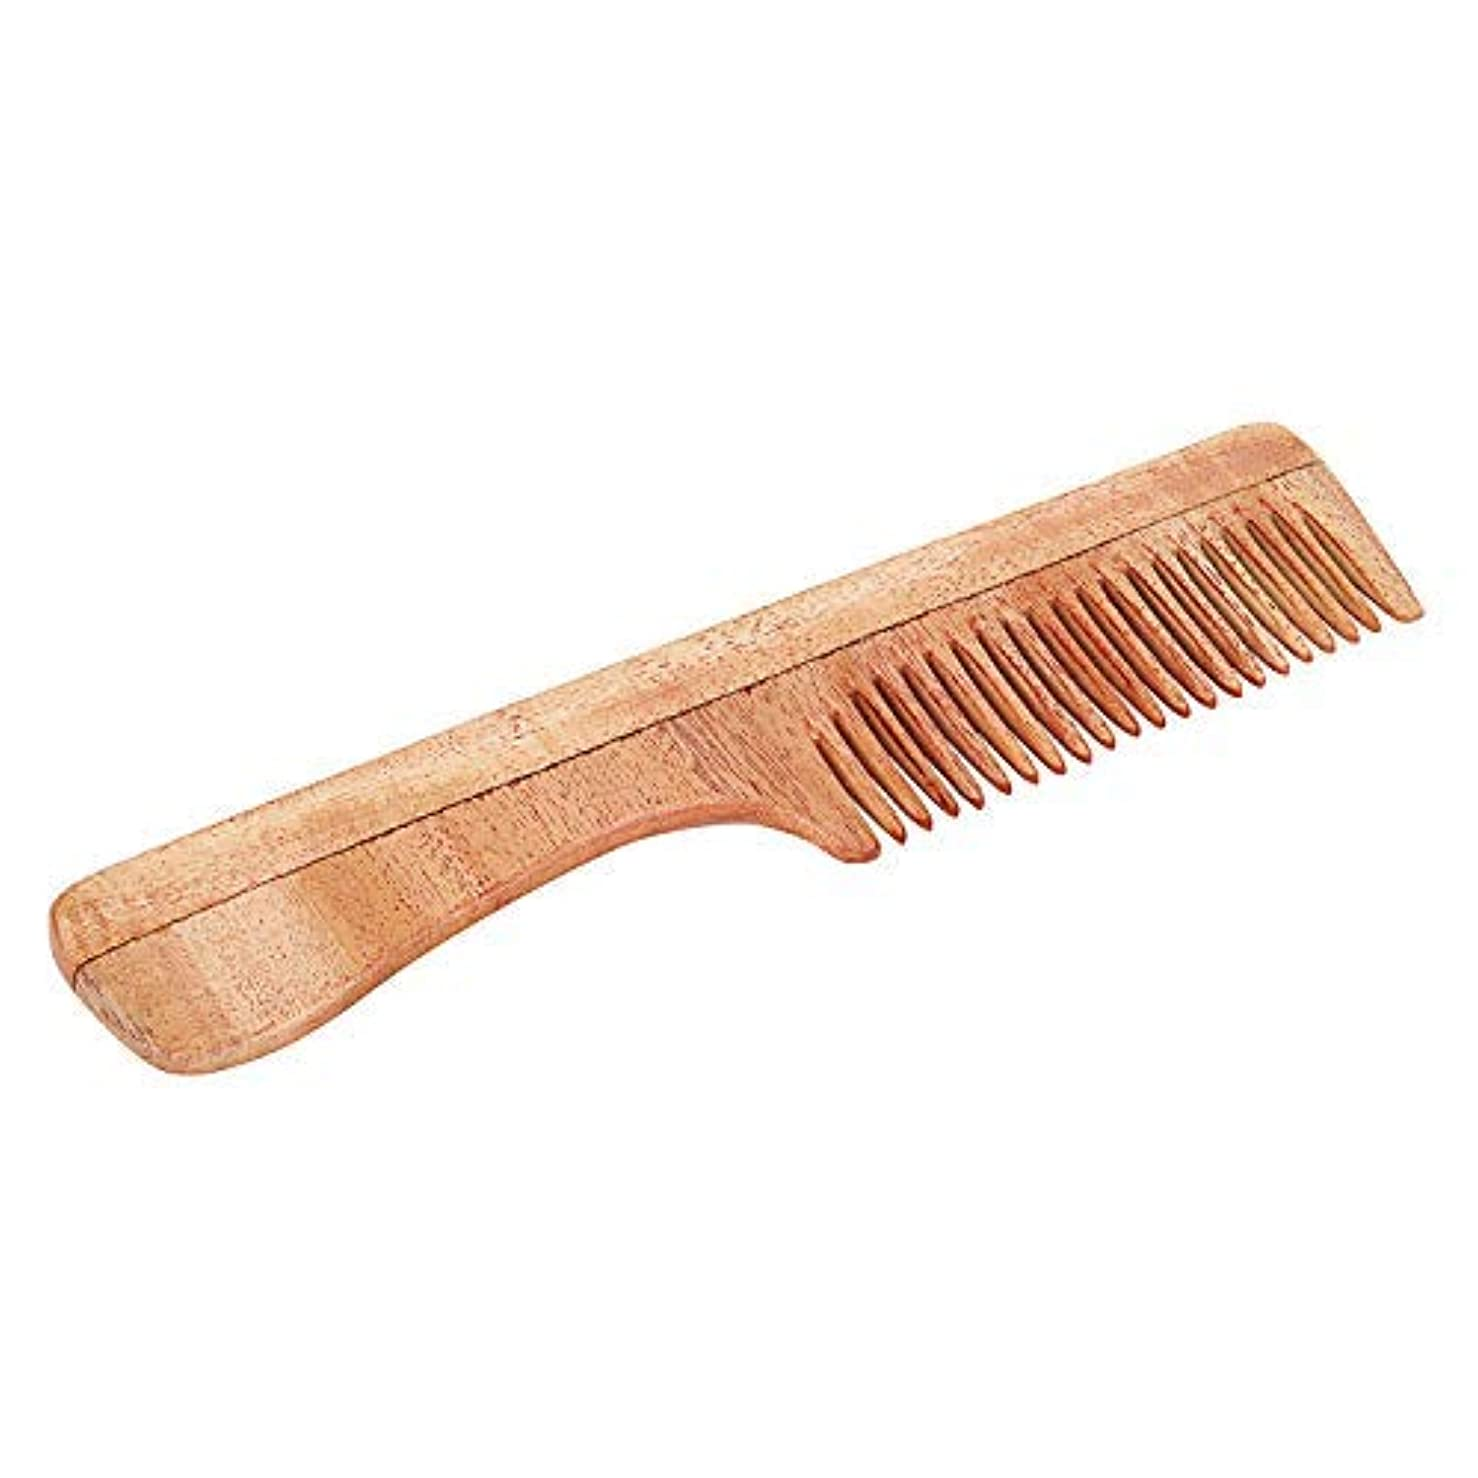 高音子隔離するSVATV Handcrafted Neem Wood Comb with Handle N-73 (7